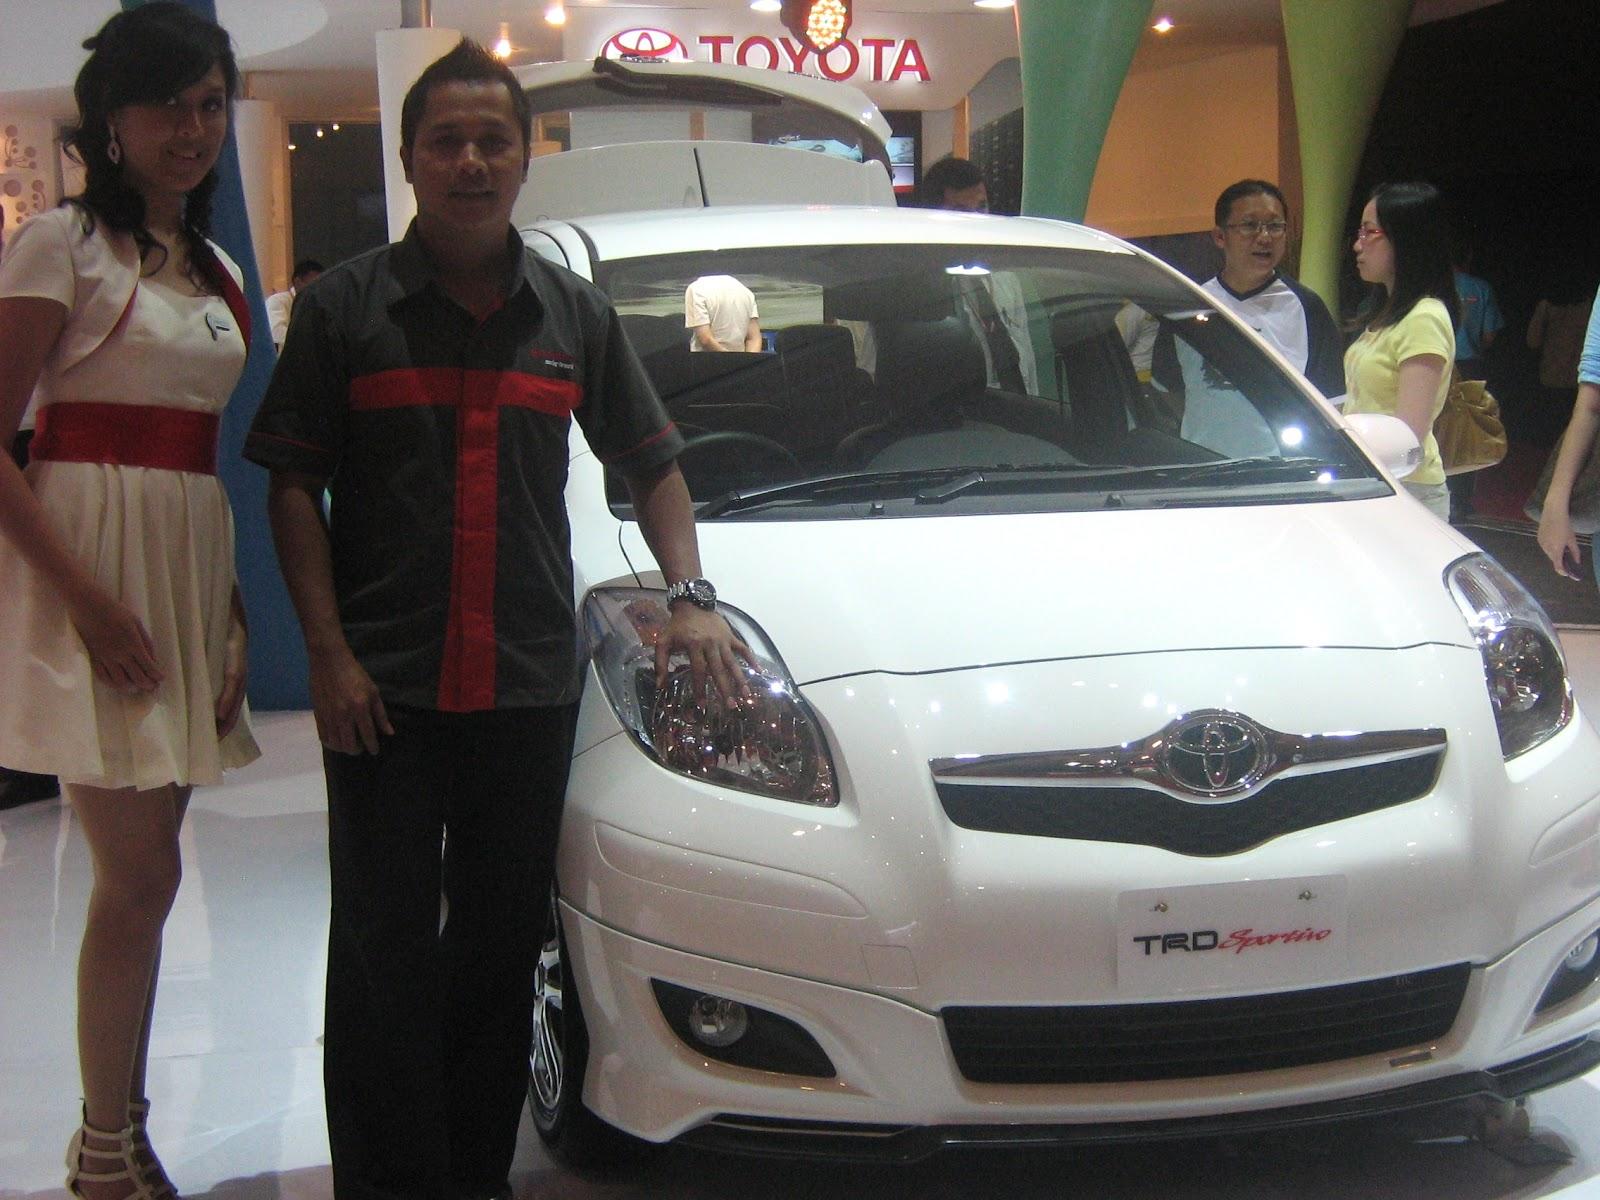 harga toyota yaris trd matic grand new avanza g 1.3 mt daftar mobil baru dan bekas